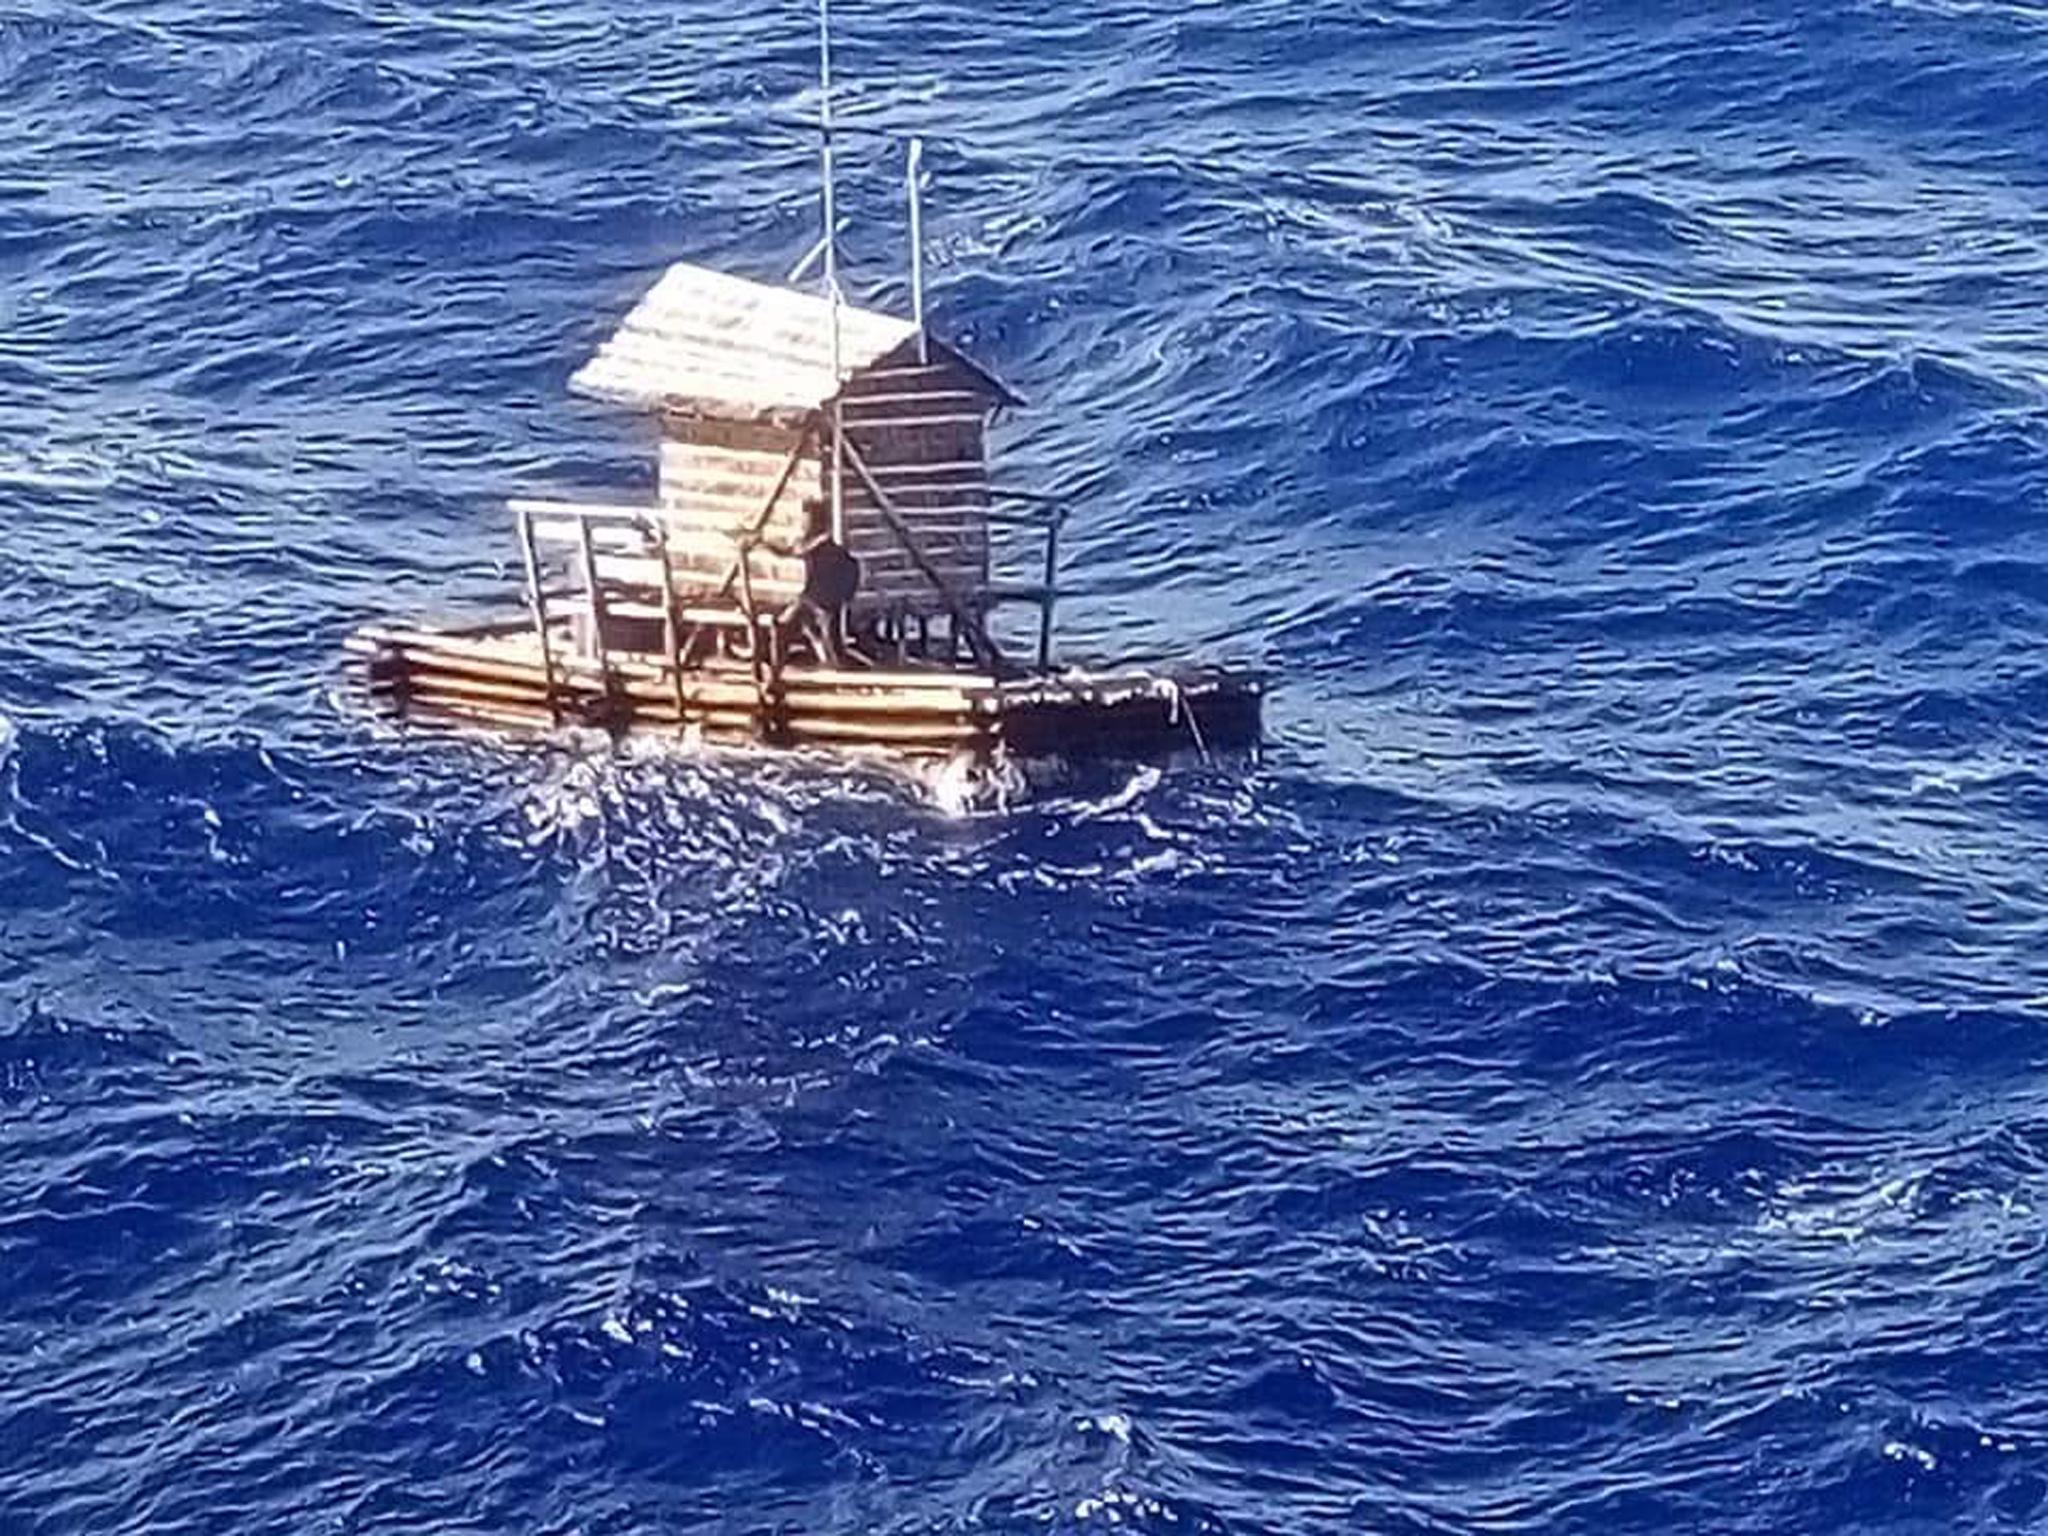 Indonesiano sopravvive 49 giorni in oceano